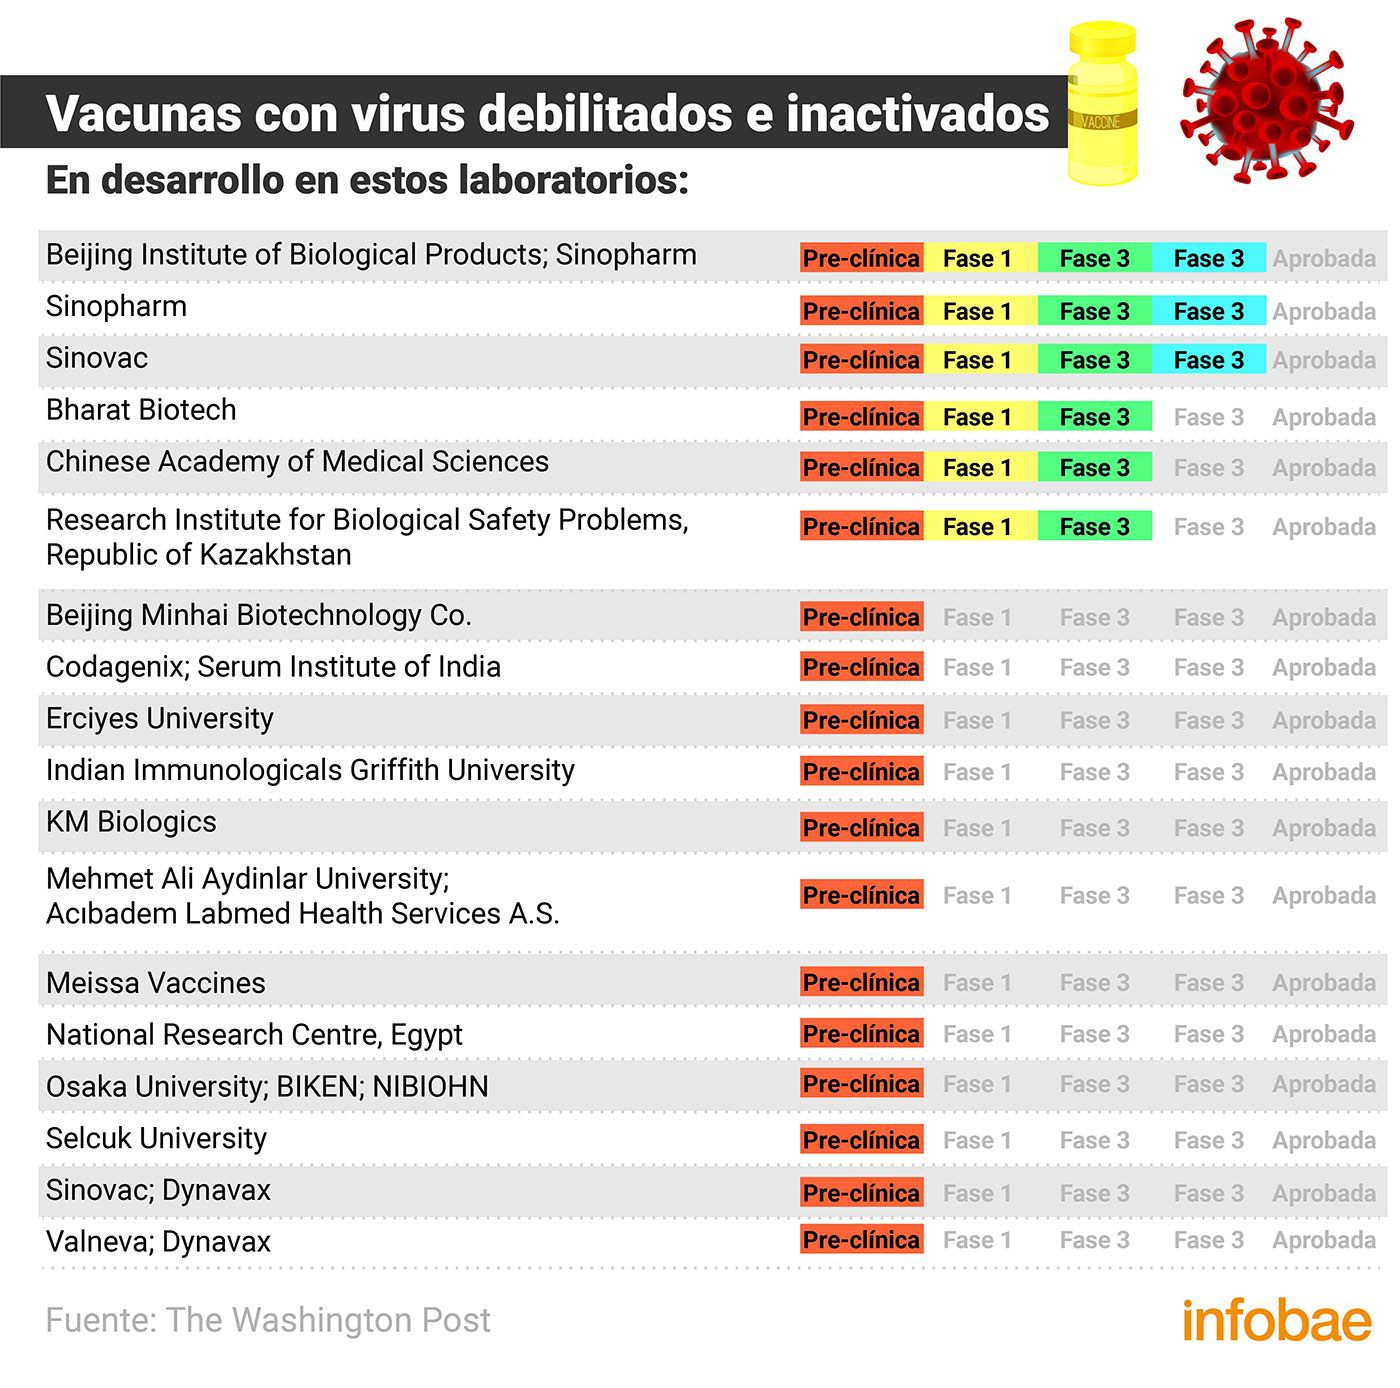 Vacunas COVID-19 (Marcelo Regalado)